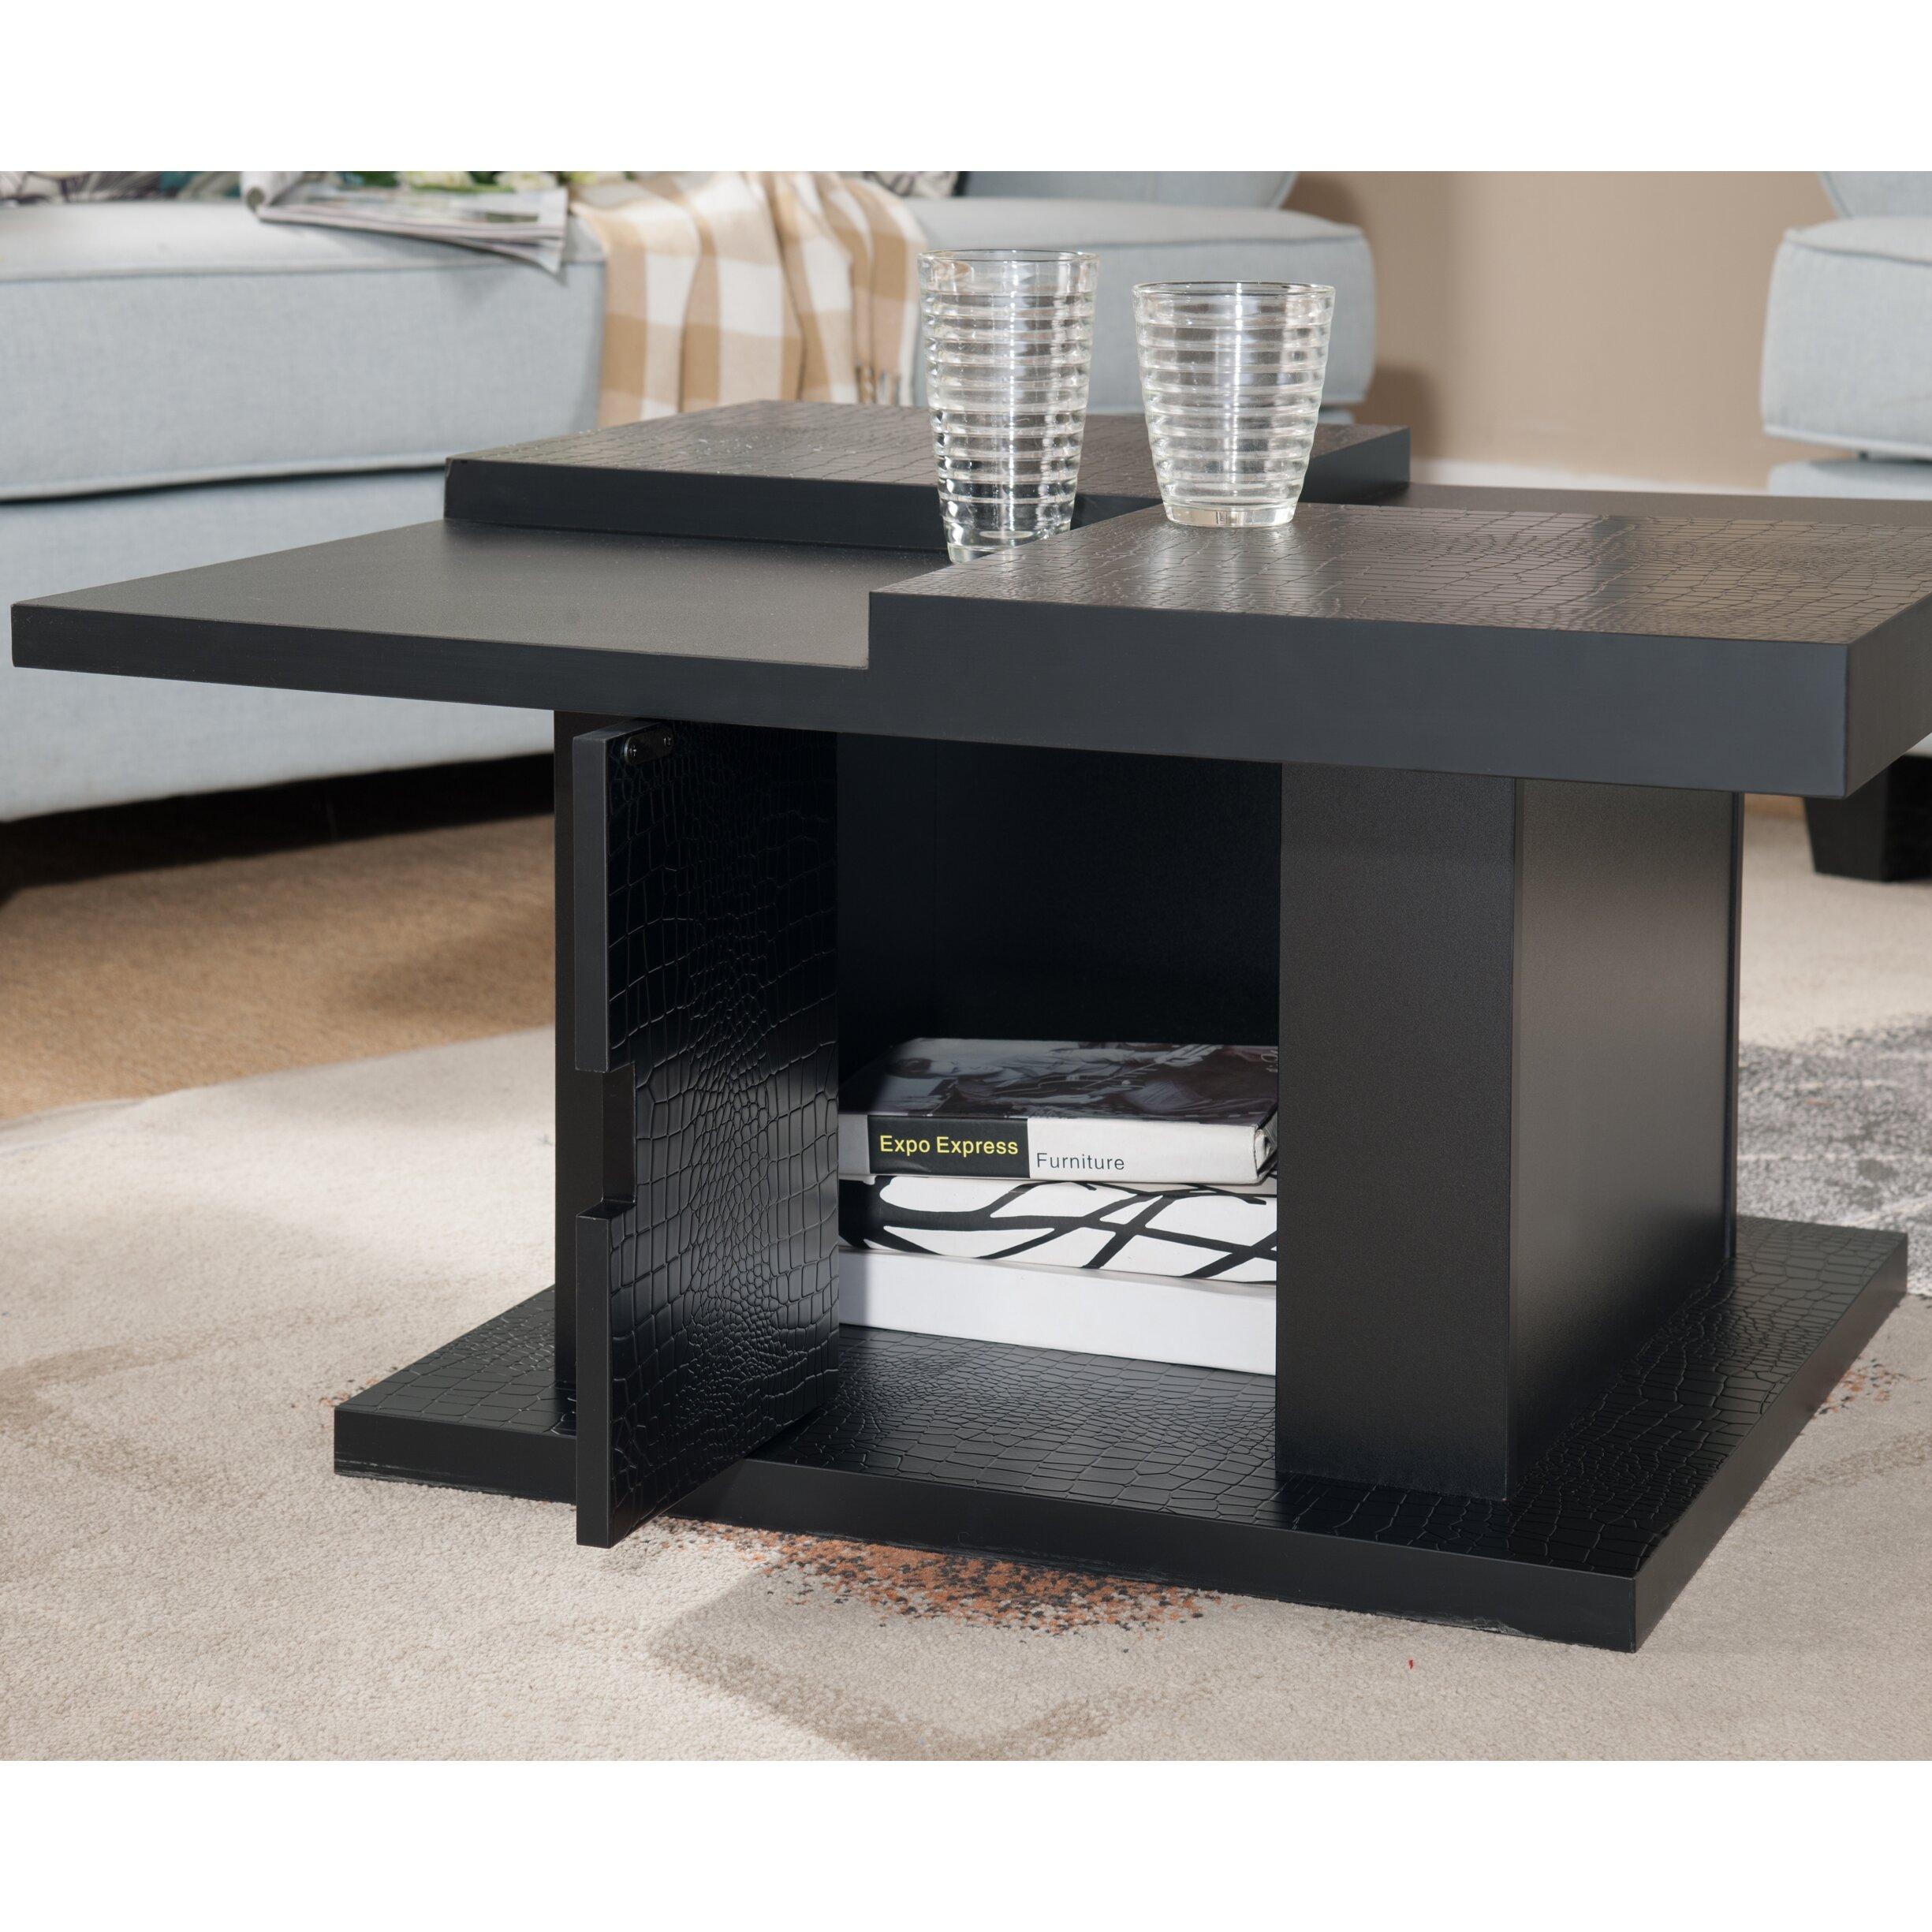 Square Coffee Table By Latitude Run: Latitude Run Myron Coffee Table